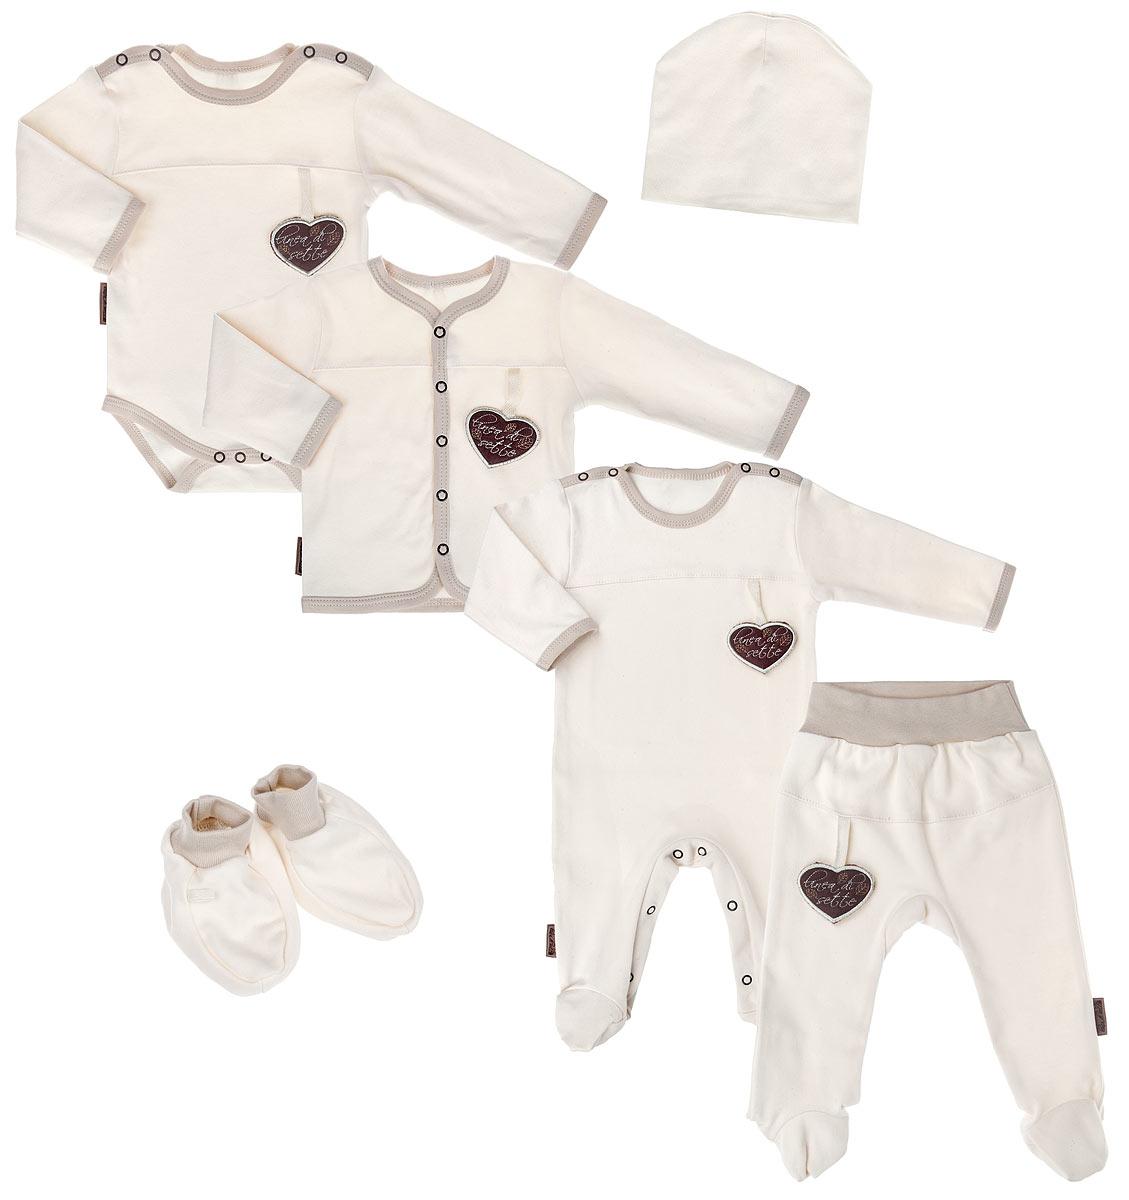 Комплект одежды06-3001Подарочный комплект Linea Di Sette Моя любовь - это замечательный подарок, который прекрасно подойдет для вашей малышки. Комплект состоит из комбинезона, боди, кофточки, ползунков, шапочки и пинеток. Комплект изготовлен из высококачественного органического хлопка, ткани из него не вредят нежной коже малыша, а также их производство безопасно для окружающей среды. Органический хлопок очень мягкий, отлично пропускает воздух, обеспечивая максимальный комфорт. Комбинезон с круглым вырезом горловины, длинными рукавами и закрытыми ножками имеет застежки- кнопки на плечах и ластовице, которые помогают легко переодеть младенца или сменить подгузник. В комбинезоне спинка и ножки младенца всегда будут в тепле. Удобное боди с длинными рукавами и круглым вырезом горловины имеет удобные застежки-кнопки на плечах и ластовице. Кофточка с V-образным вырезом горловины и длинными рукавами имеет застежки-кнопки по всей длине, которые помогают с легкостью переодеть...